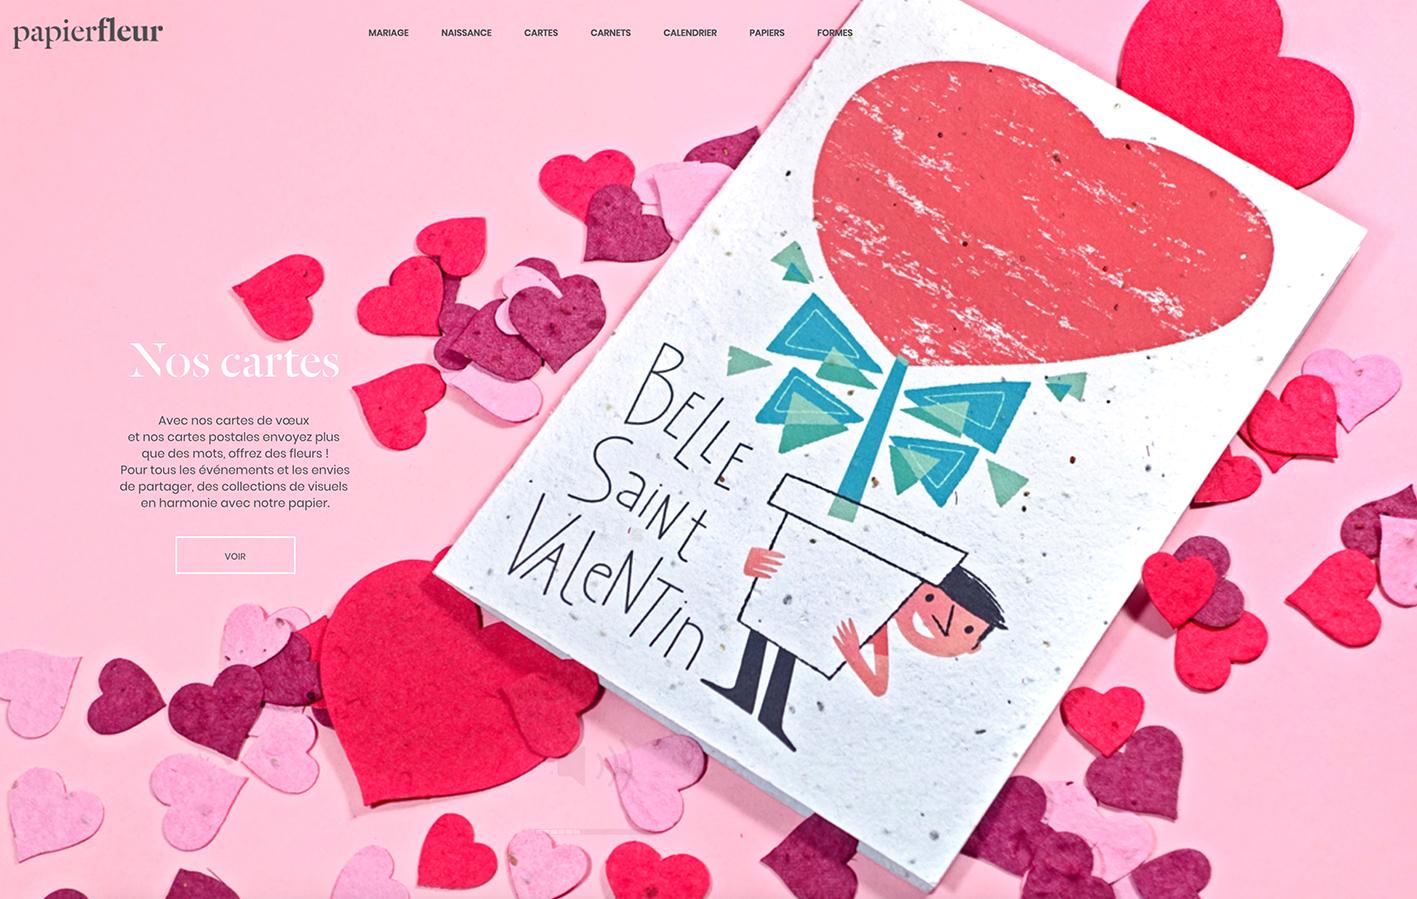 Clod illustration cartes PapierFleur